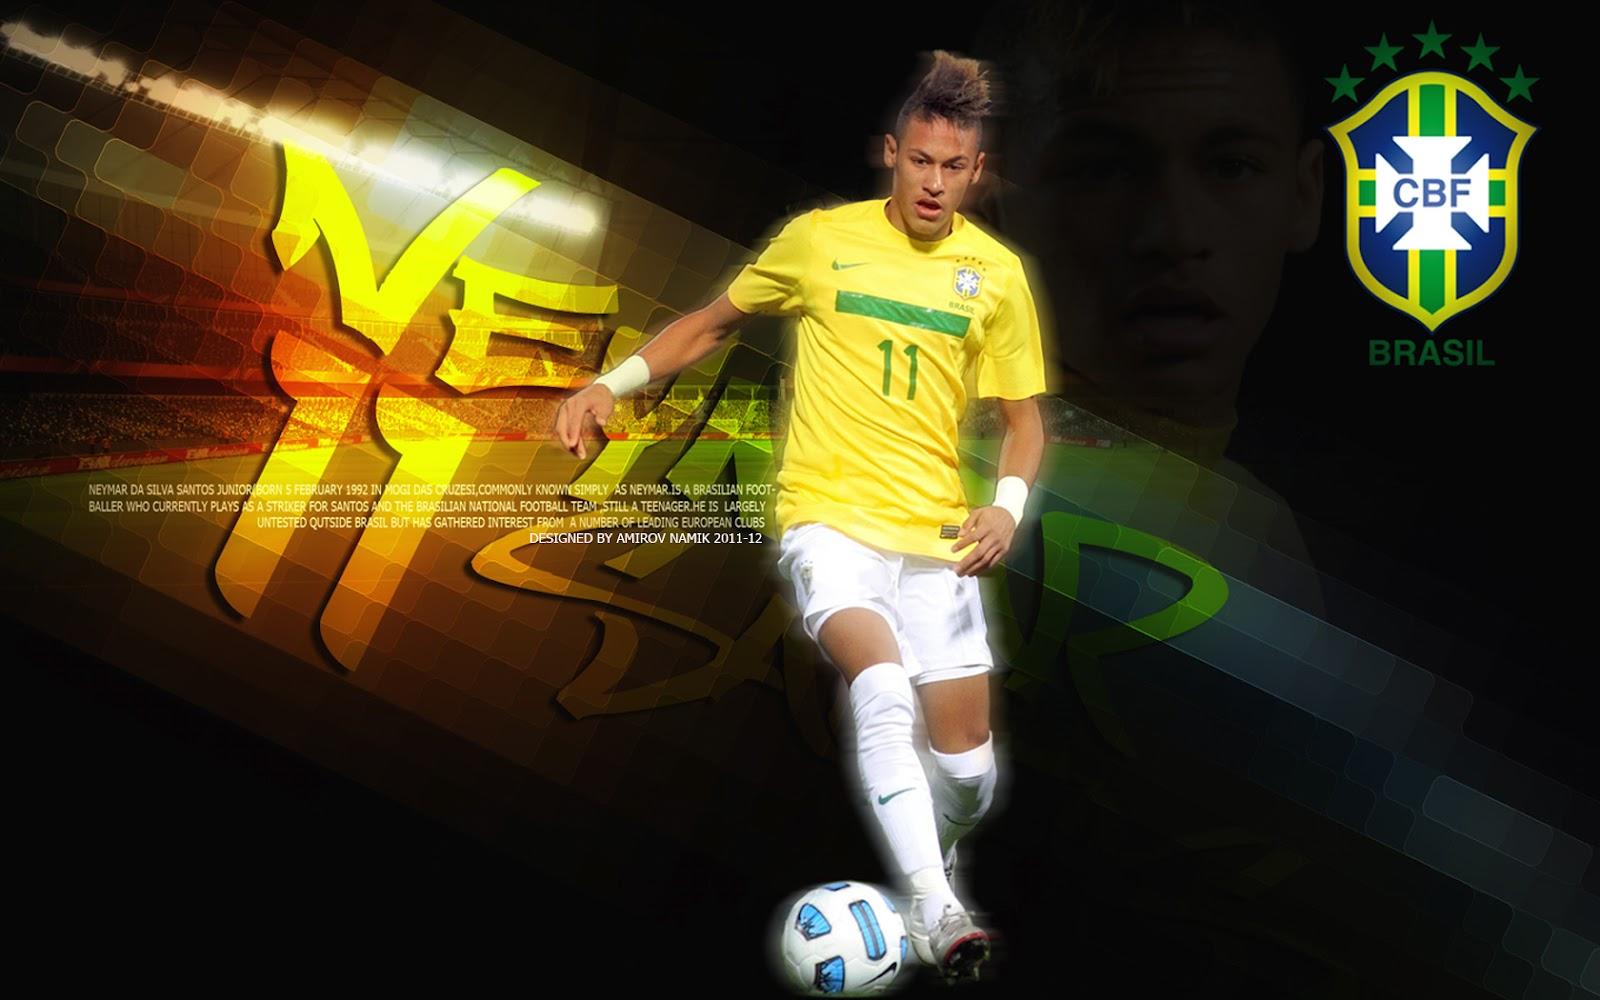 http://1.bp.blogspot.com/-xMpCBaDeZYg/T4UYsk_9JqI/AAAAAAAAQDk/RwuURGKcPuc/s1600/--Neymar_+Da+_Silva_+HD+_Wallpaper--+(8).jpg